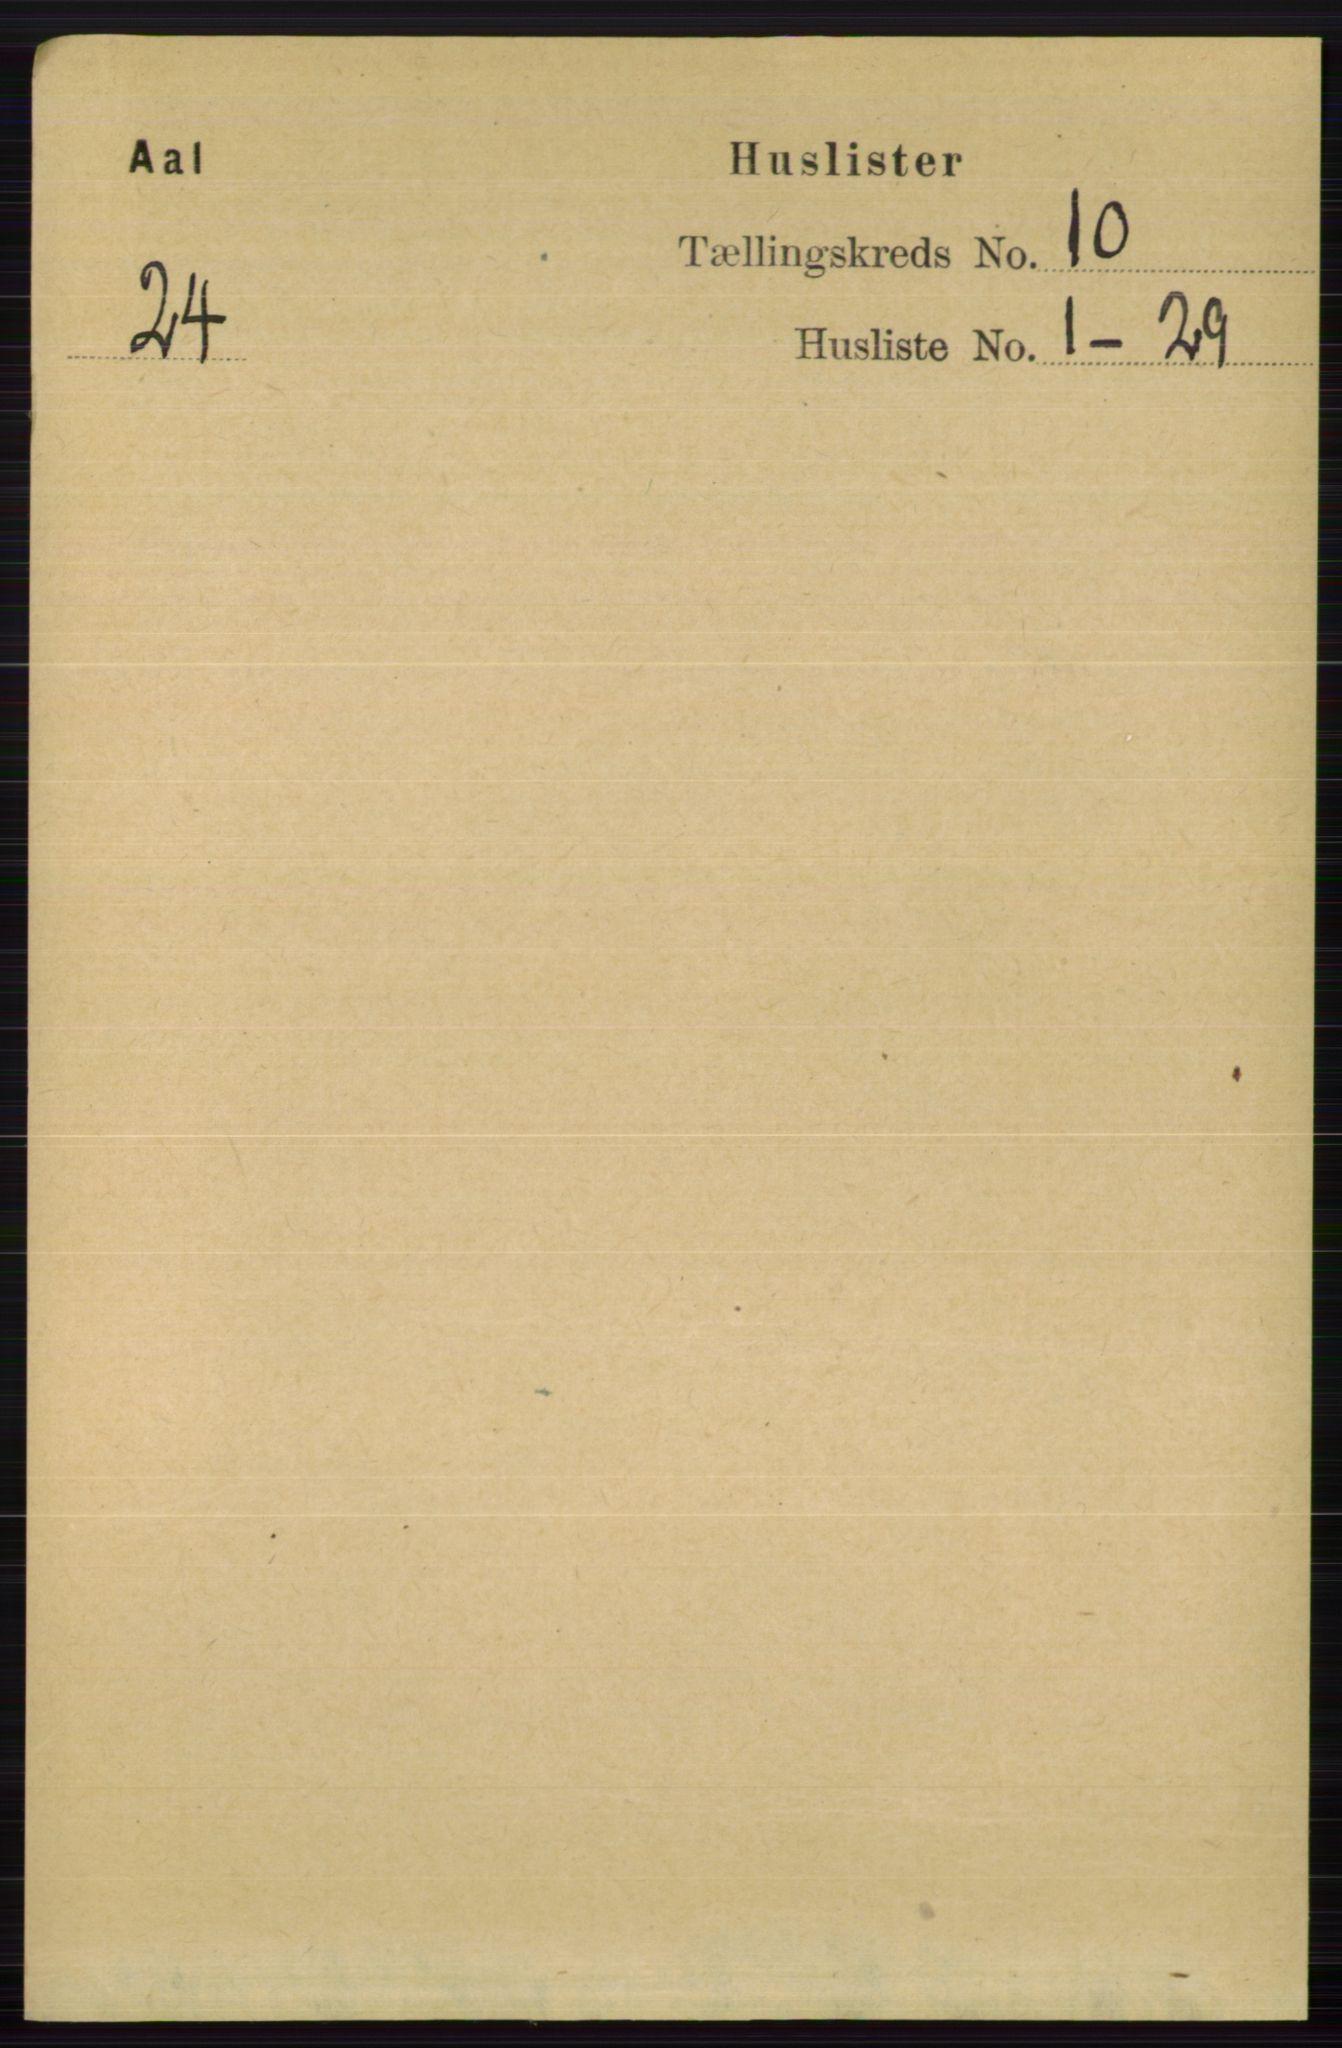 RA, Folketelling 1891 for 0619 Ål herred, 1891, s. 2661